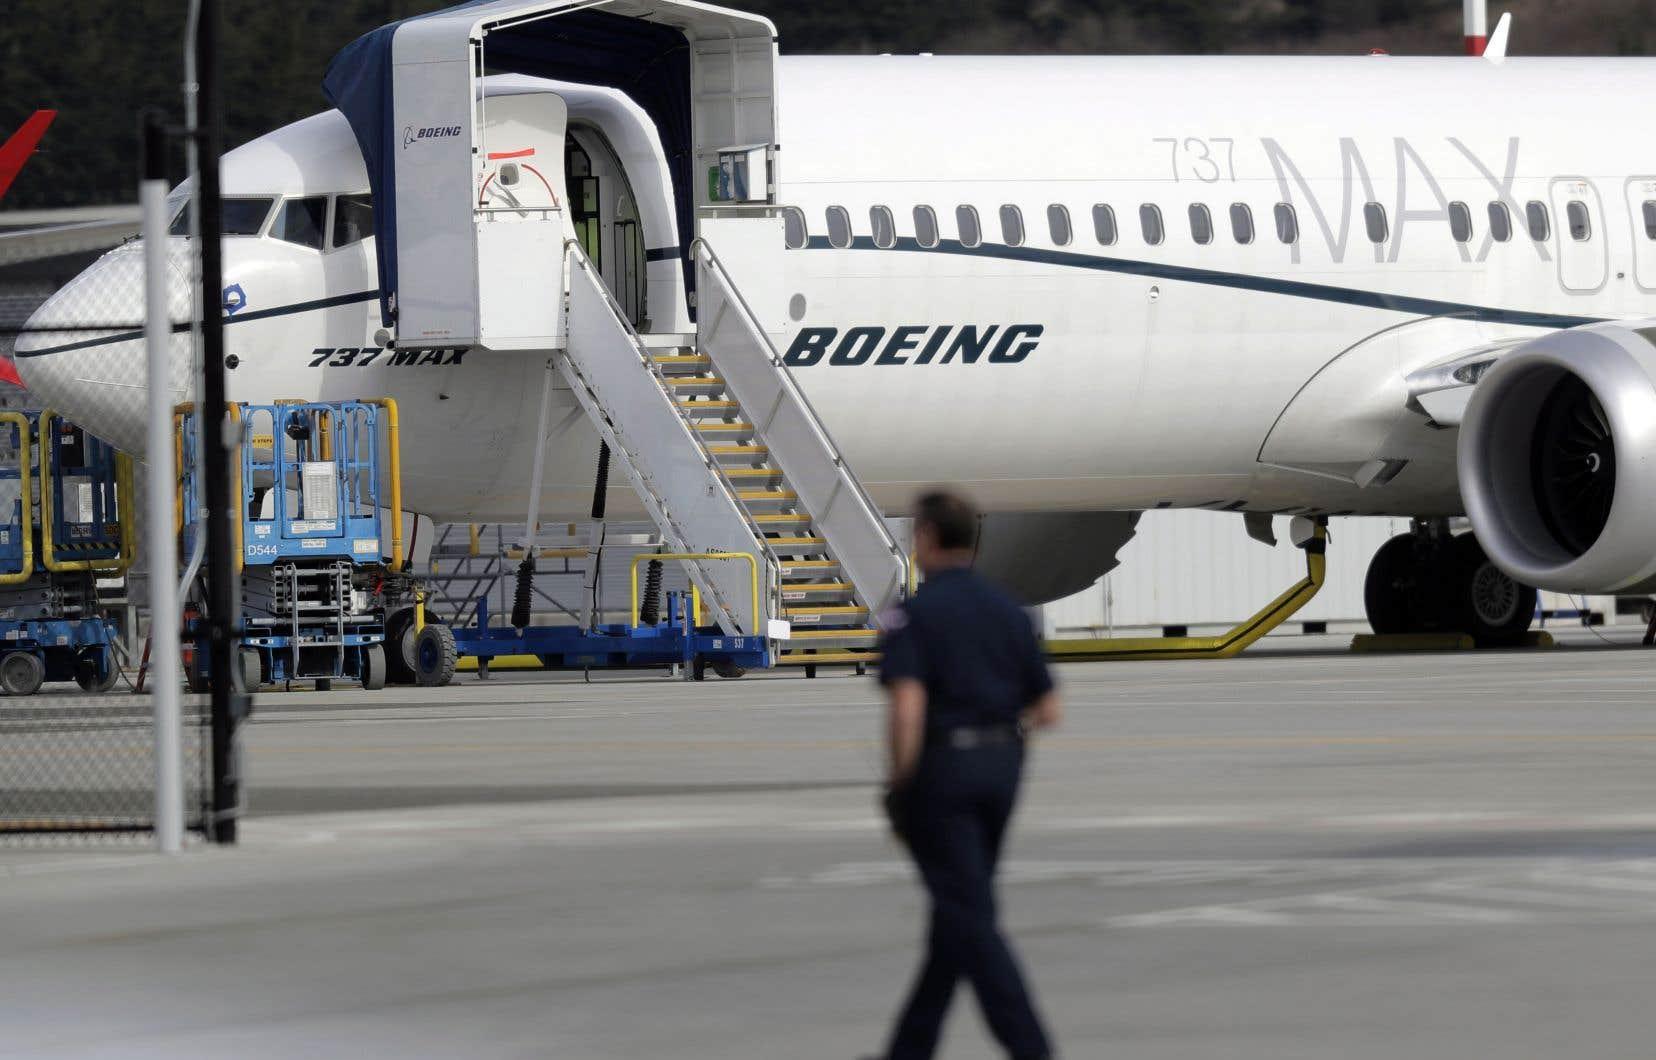 L'Agence fédérale de l'aviation américaine est sous pression pour avoir confié à des employés de Boeing le soin d'inspecter et d'approuver leur propre avion.